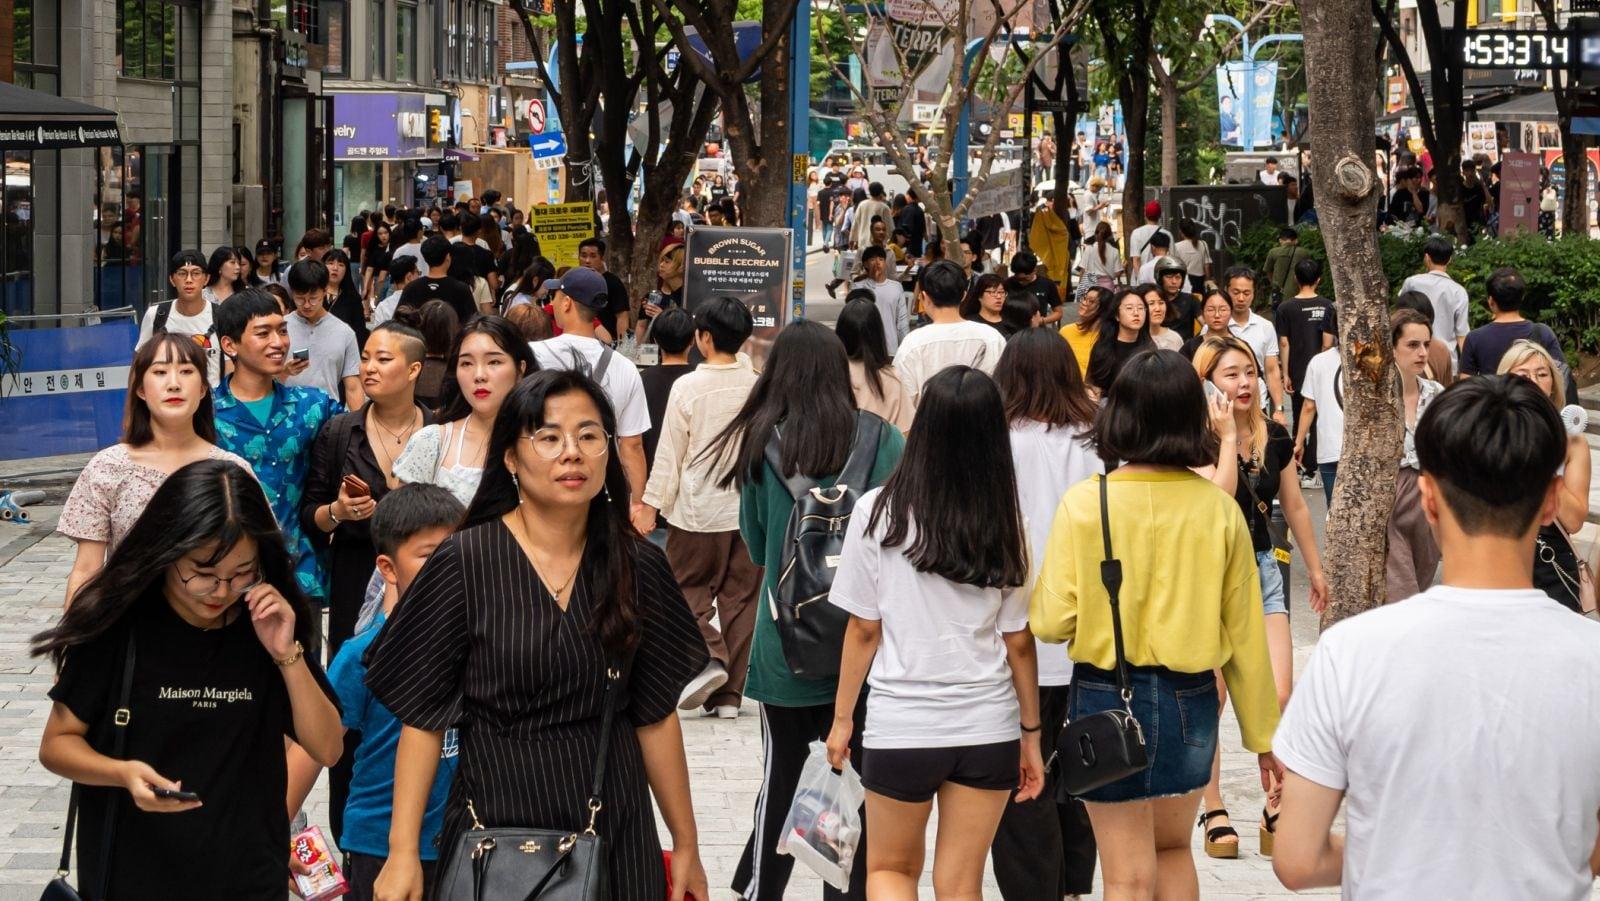 日本韓国の反応 【悲報】韓国、日本に完全論破され発狂...韓国政府の福島原発への言いがかりがIAEAに論破されてしまった模様=韓国の反応